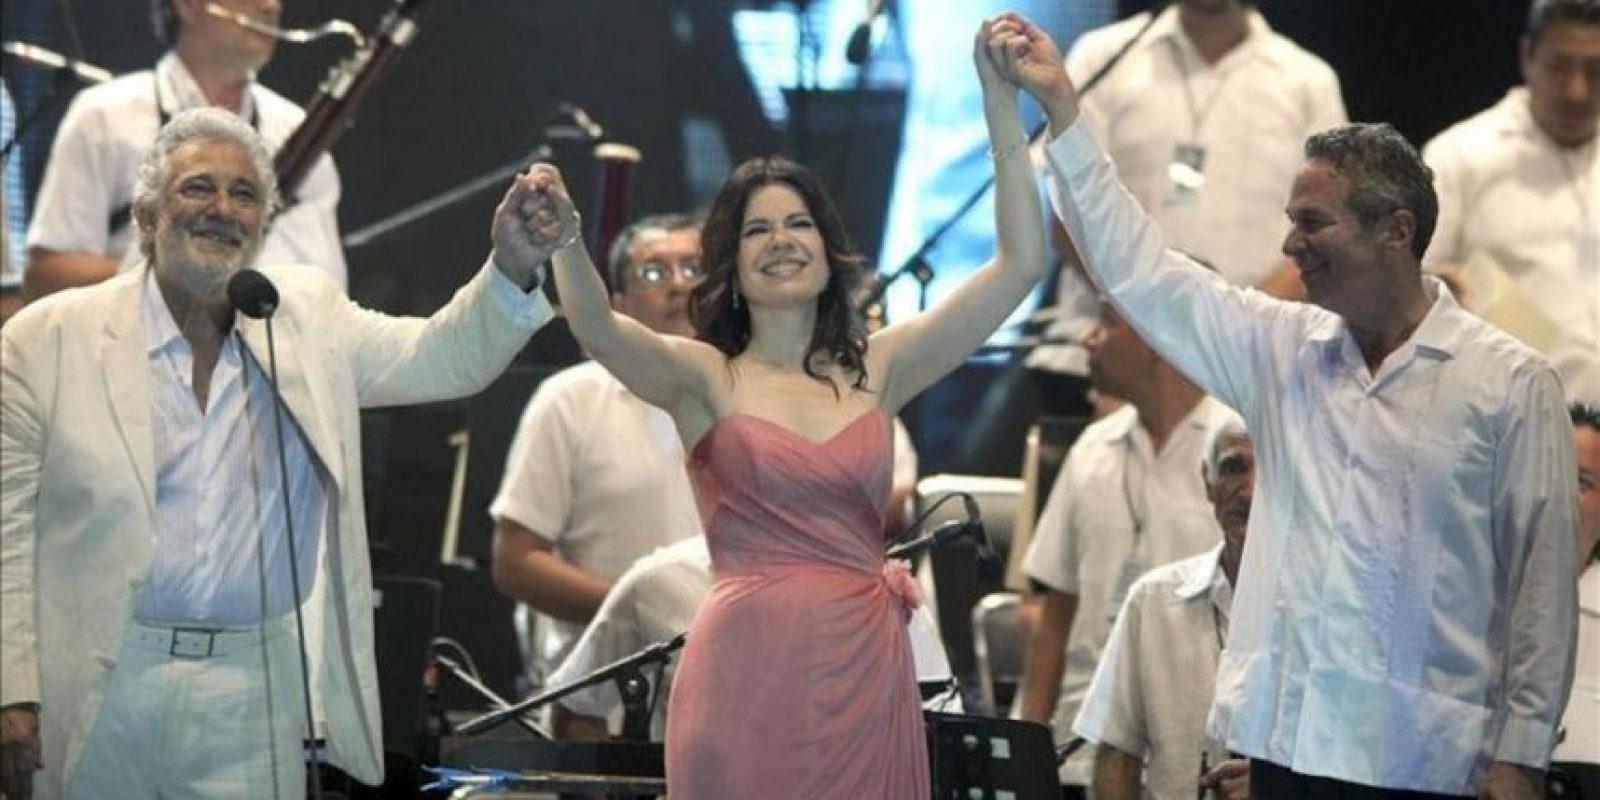 El tenor español Plácido Domingo (i), la soprano puertorriqueña Ana María Martínez (c) y el director estadounidense Eugene Kohn (d) participan este sábado 29 de diciembre de 2012, en una presentación en Playa Tamarindos, en el puerto mexicano de Acapulco, a beneficio de las Orquestas Infantiles de Guerrero. EFE